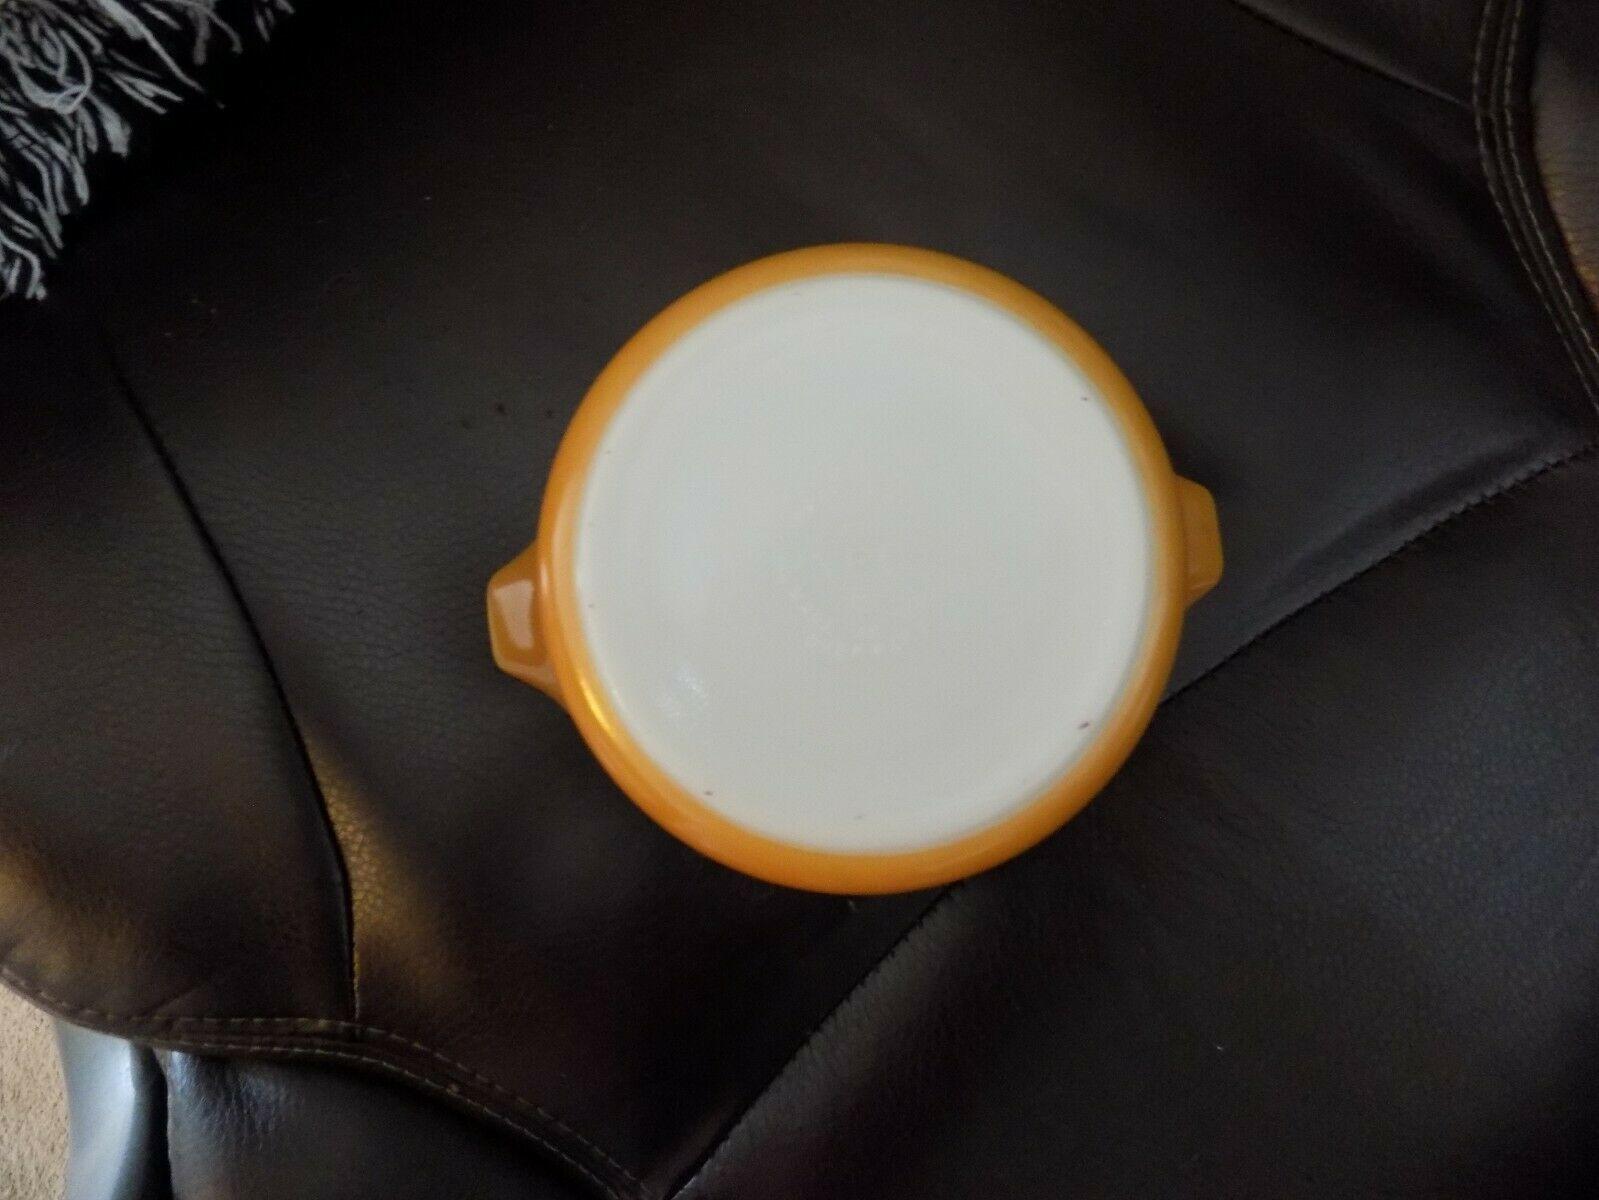 VINTAGE PYREX BUTTERSCOTCH CASSEROLE DISH #472 1-1/2 PT EUC